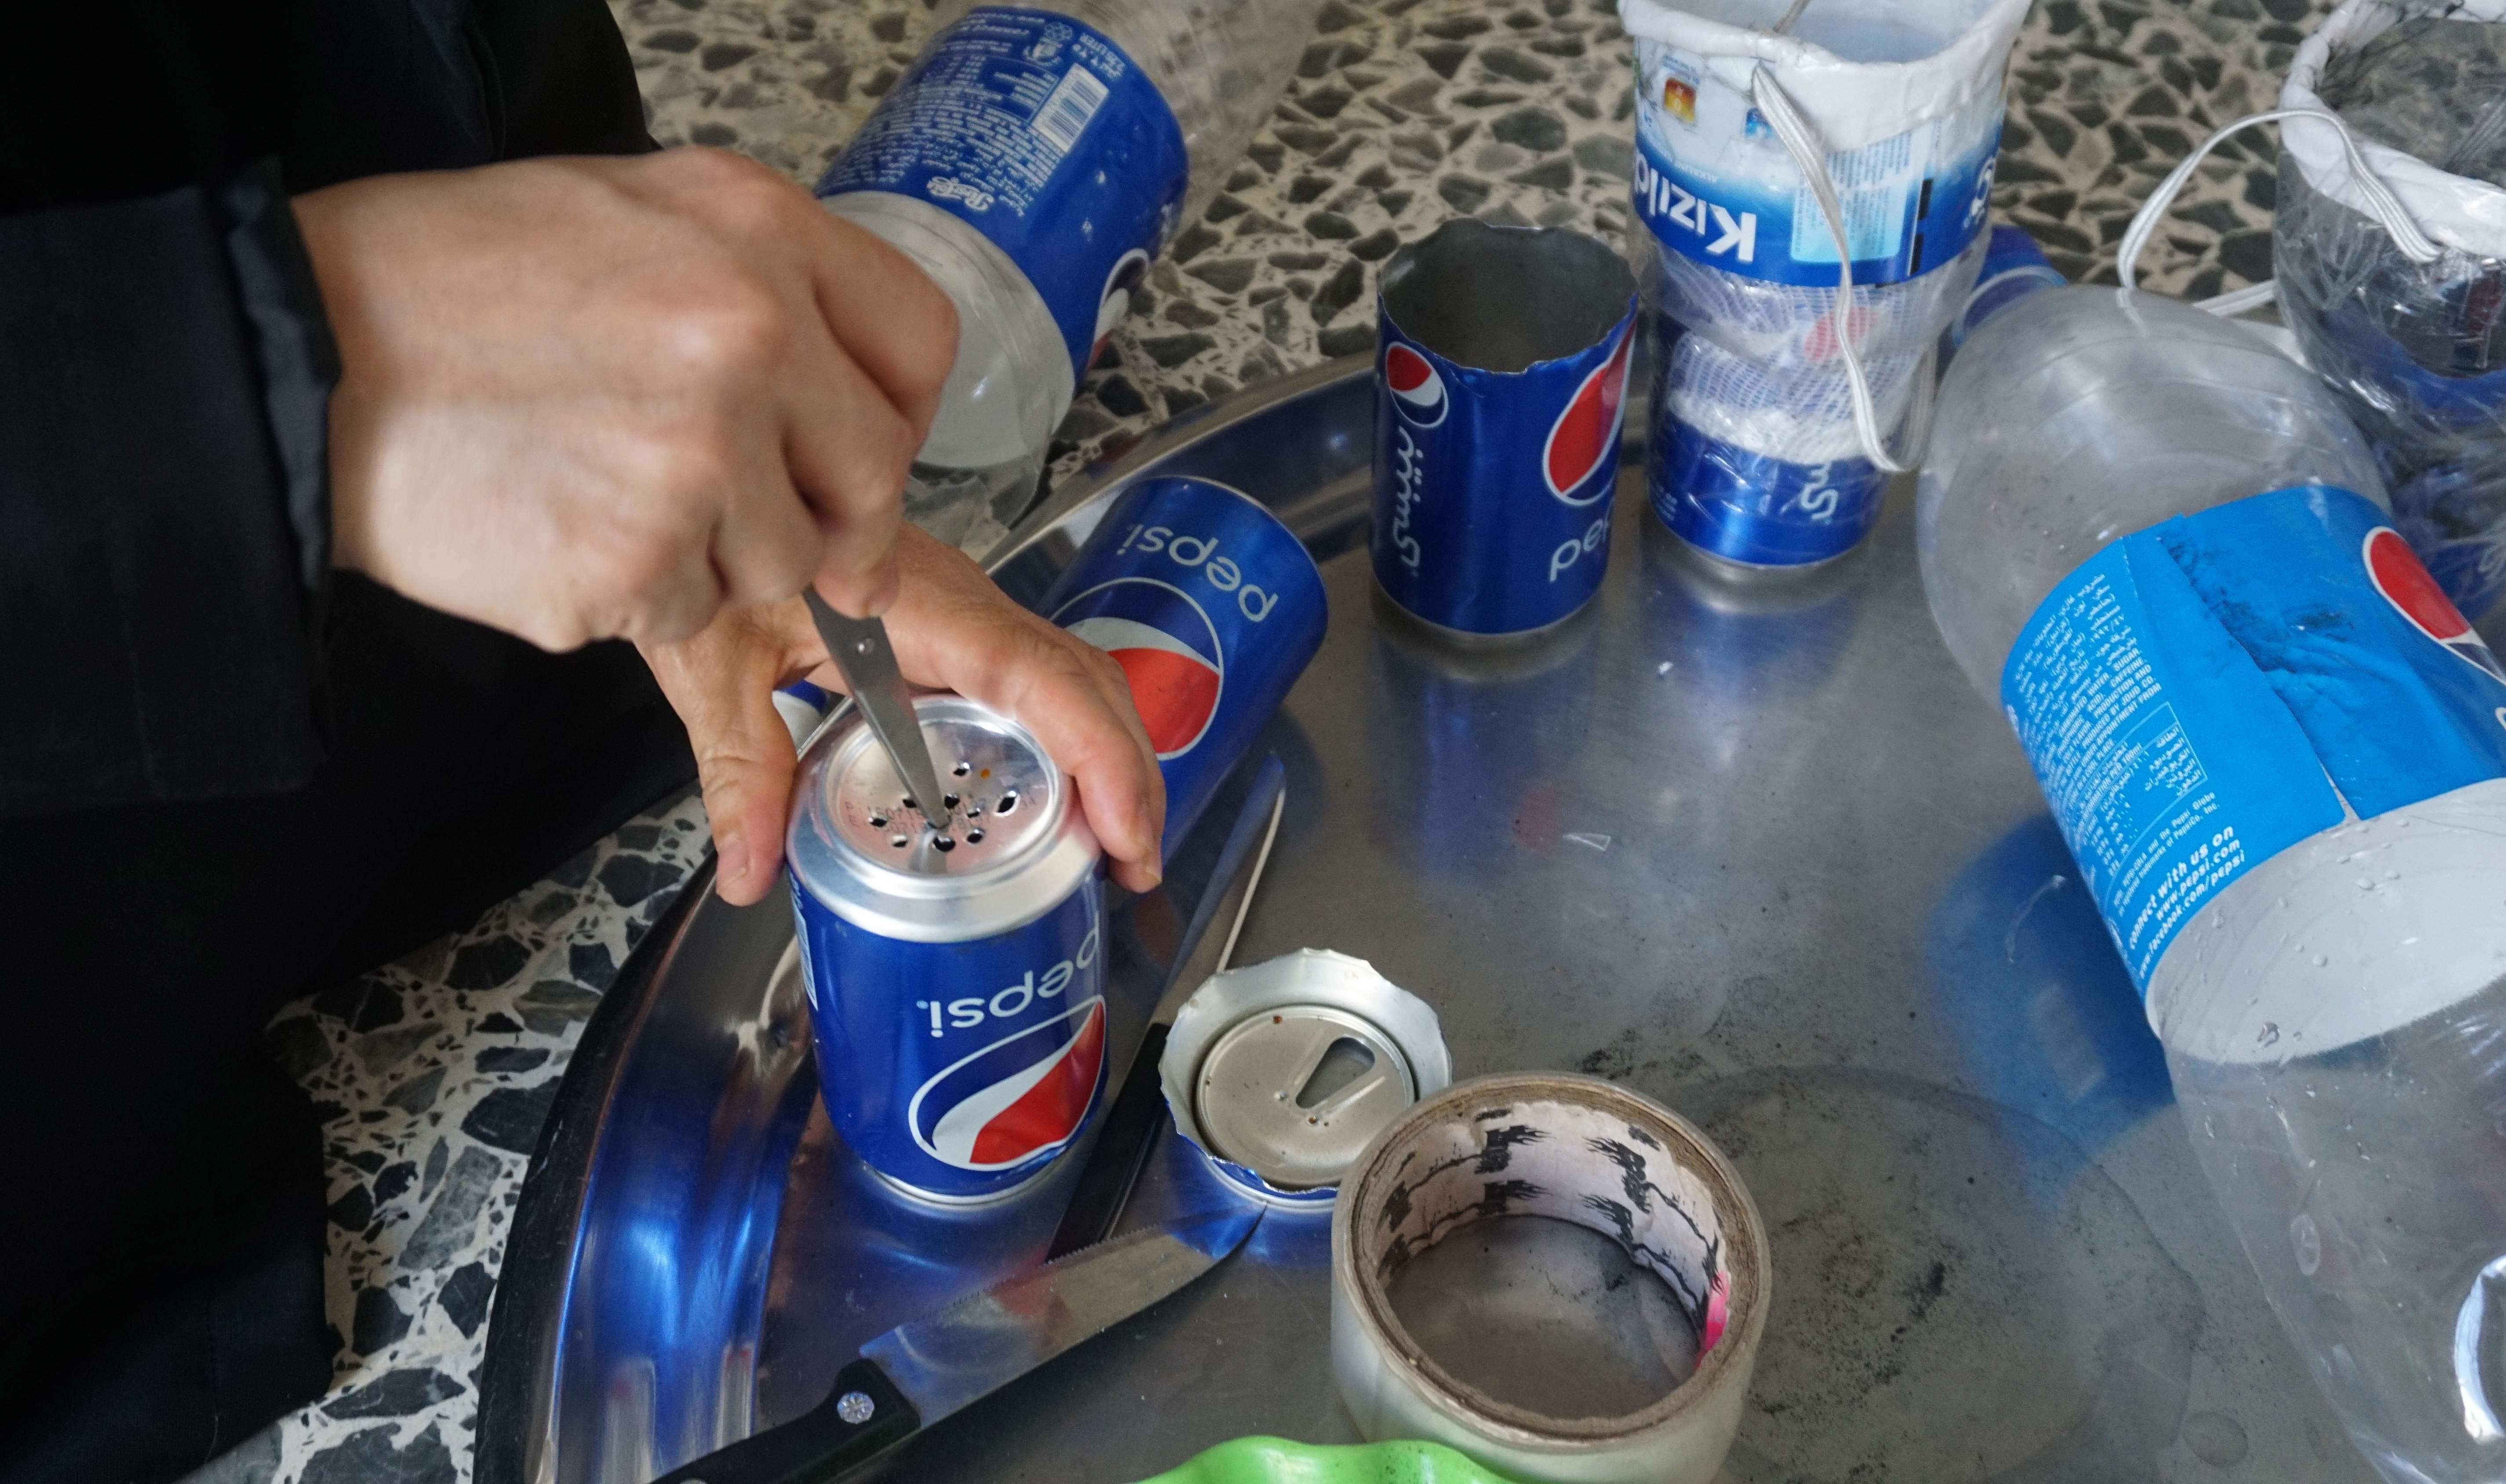 طريقة اعداد اقنعة الغاز من الفحم وزجاجات البلاستيك